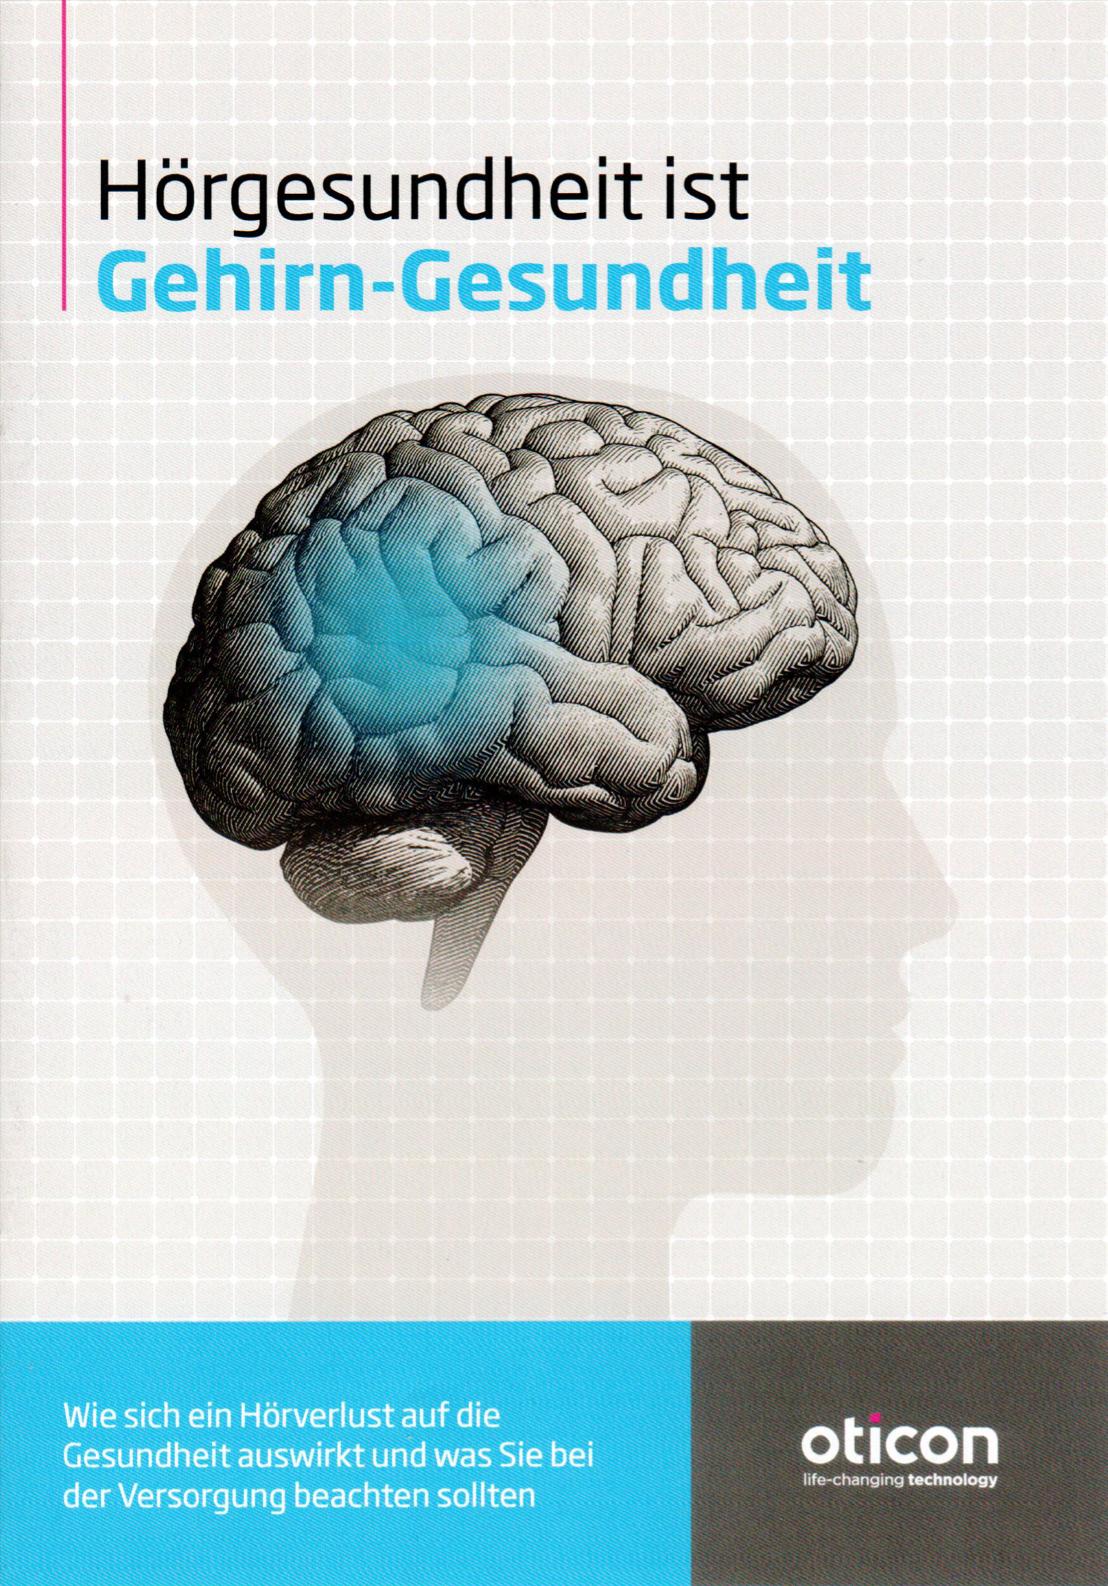 Broschüre: Hörgesundheit ist Gehirn-Gesundheit